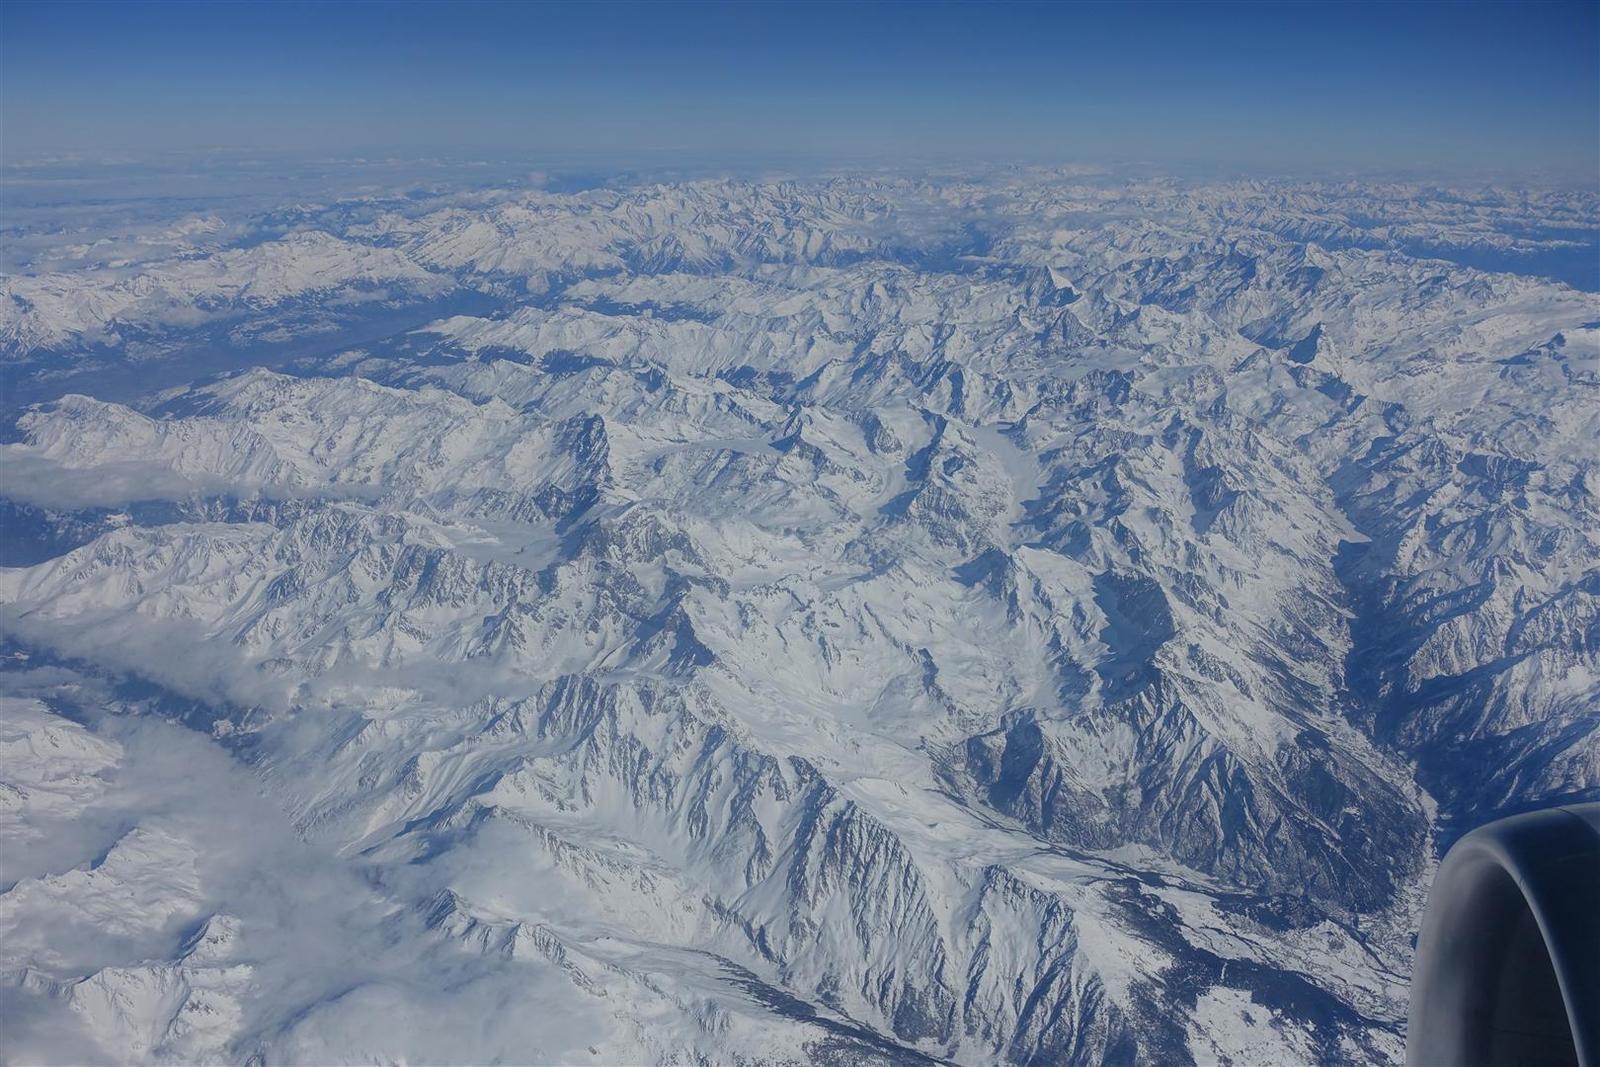 le Valais, Cervin puis Grand Combin au centre-gauche des images